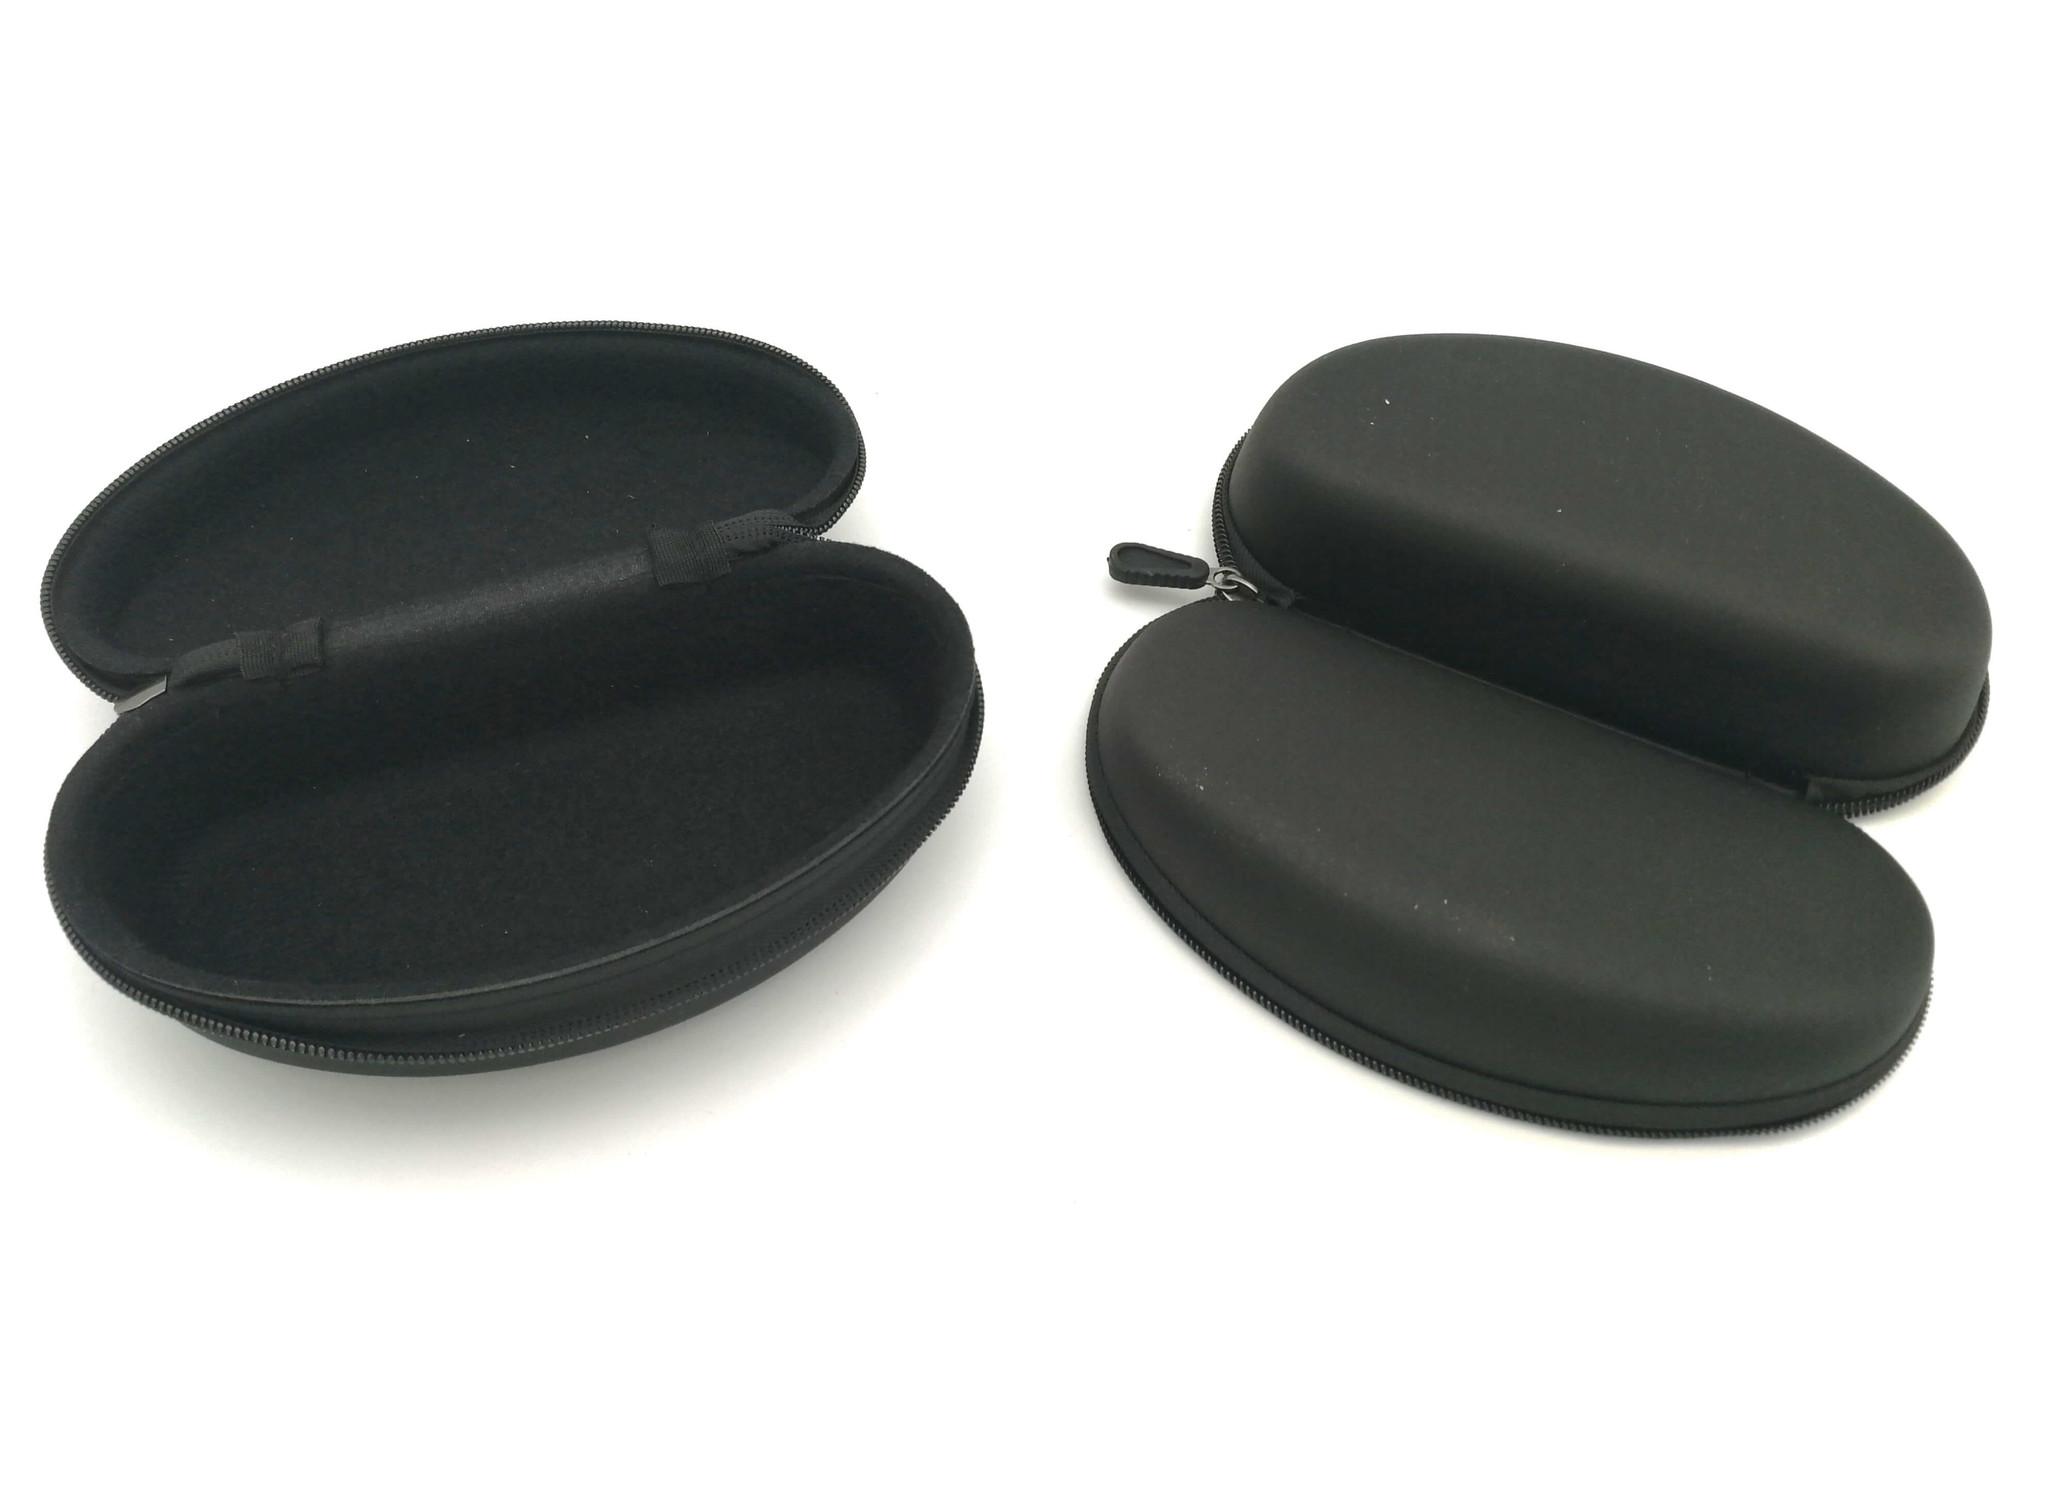 Bril beschermhoes voor de modellen SB-F1 en SB-F2